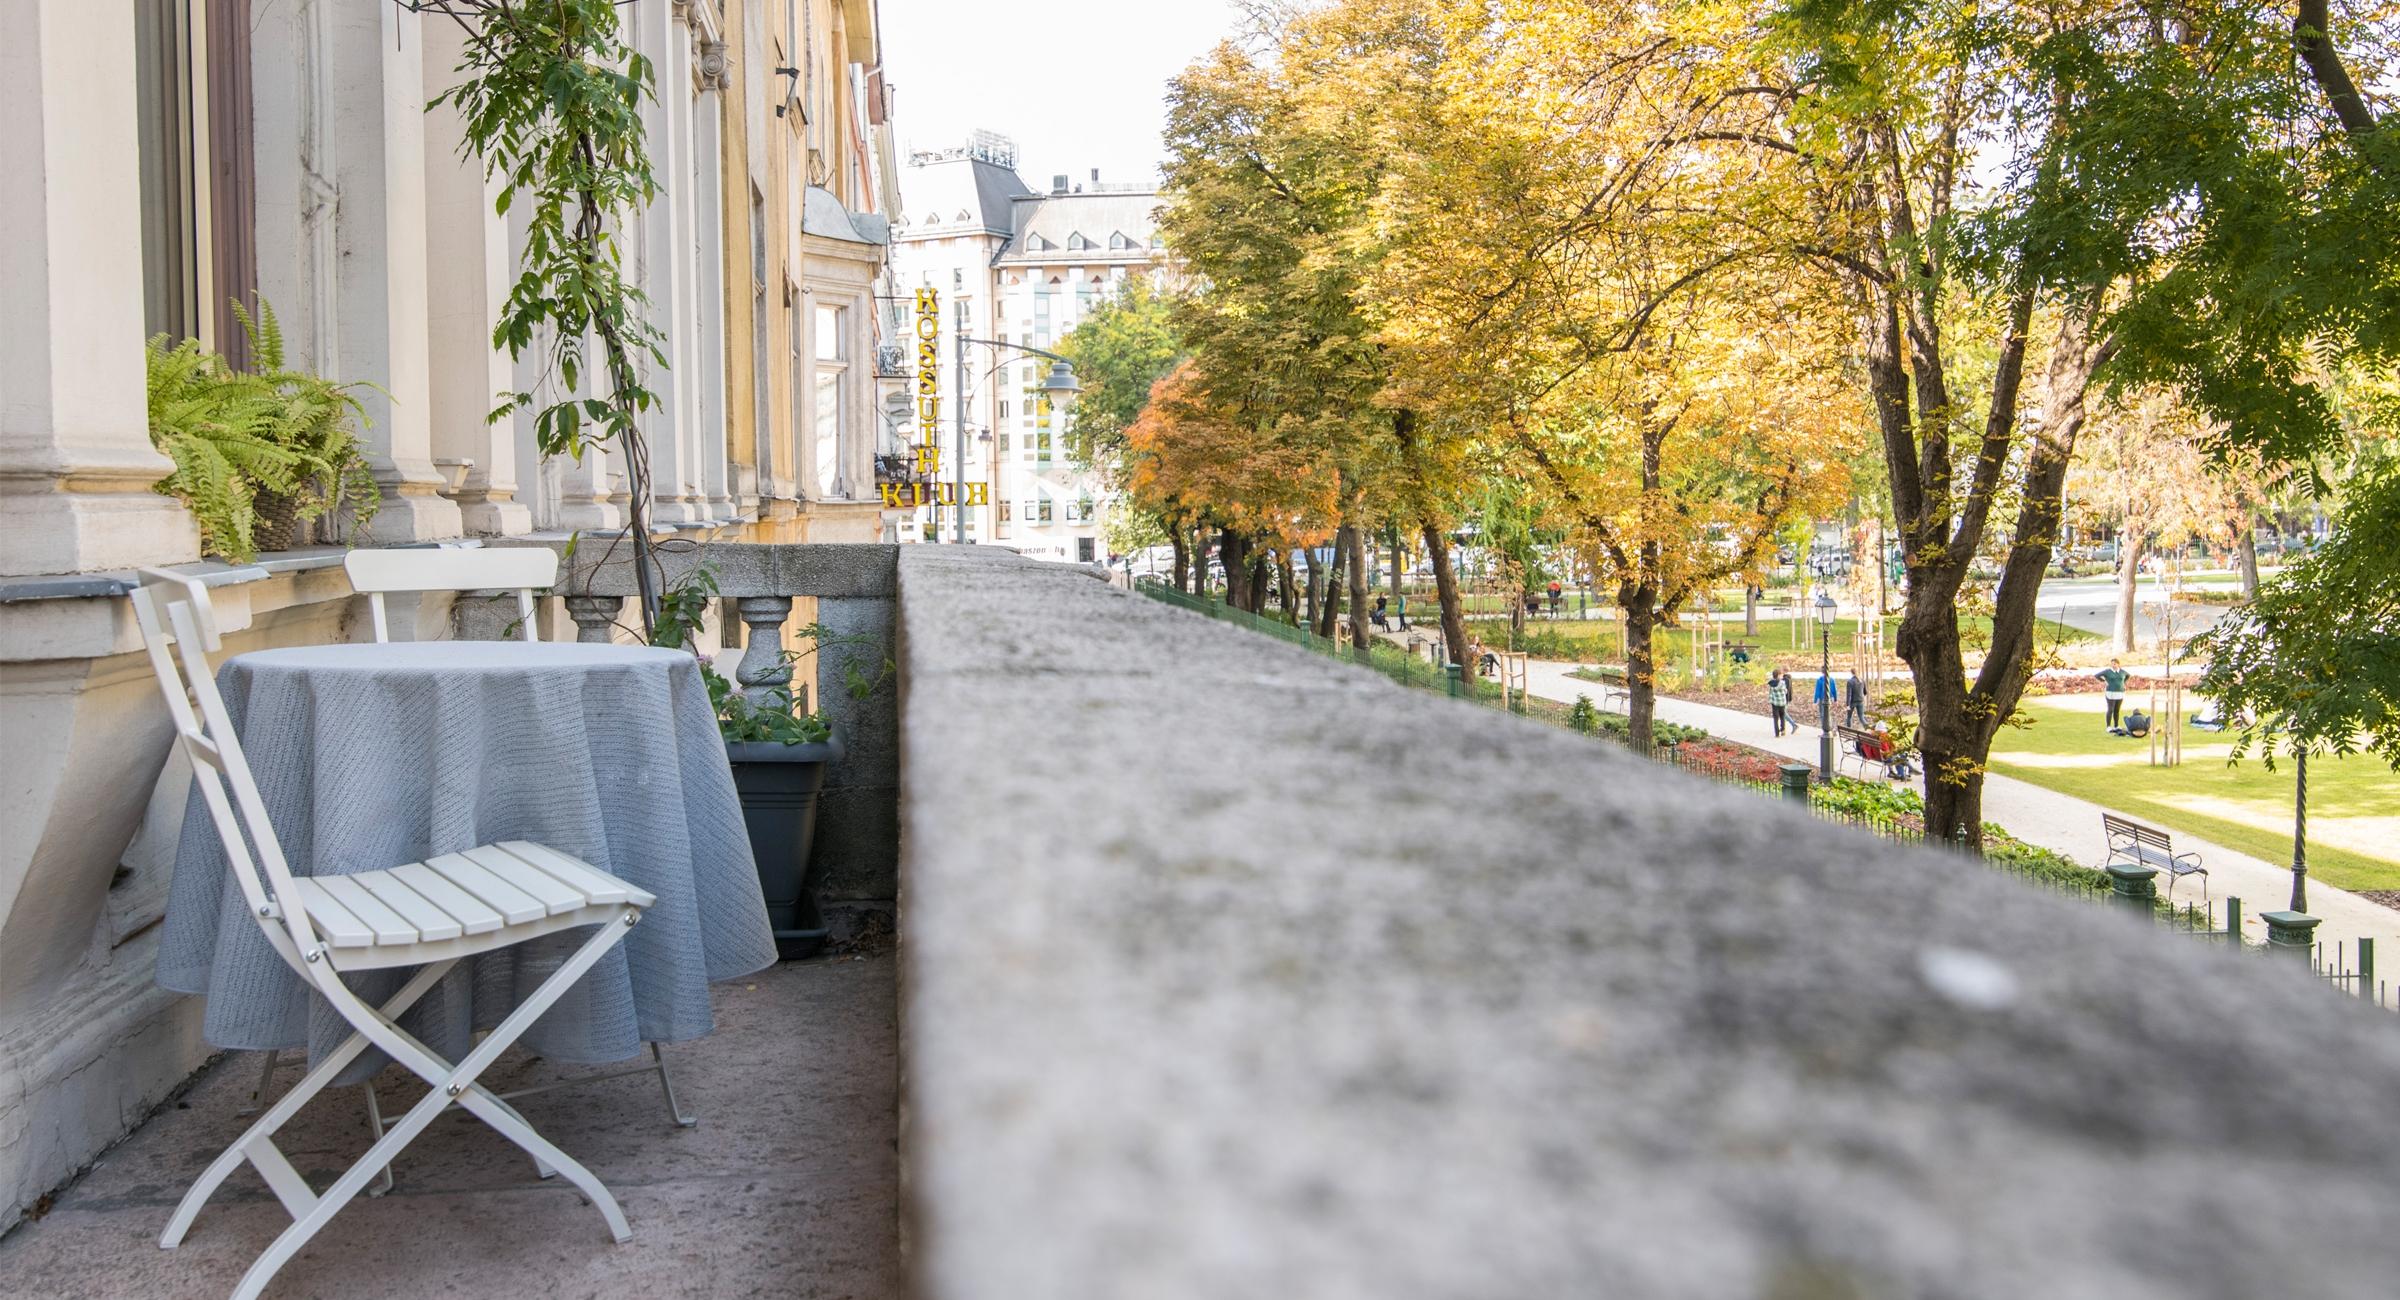 Rendezvényterem Bérlés Budapest Belvárosában - Harmónia Palota